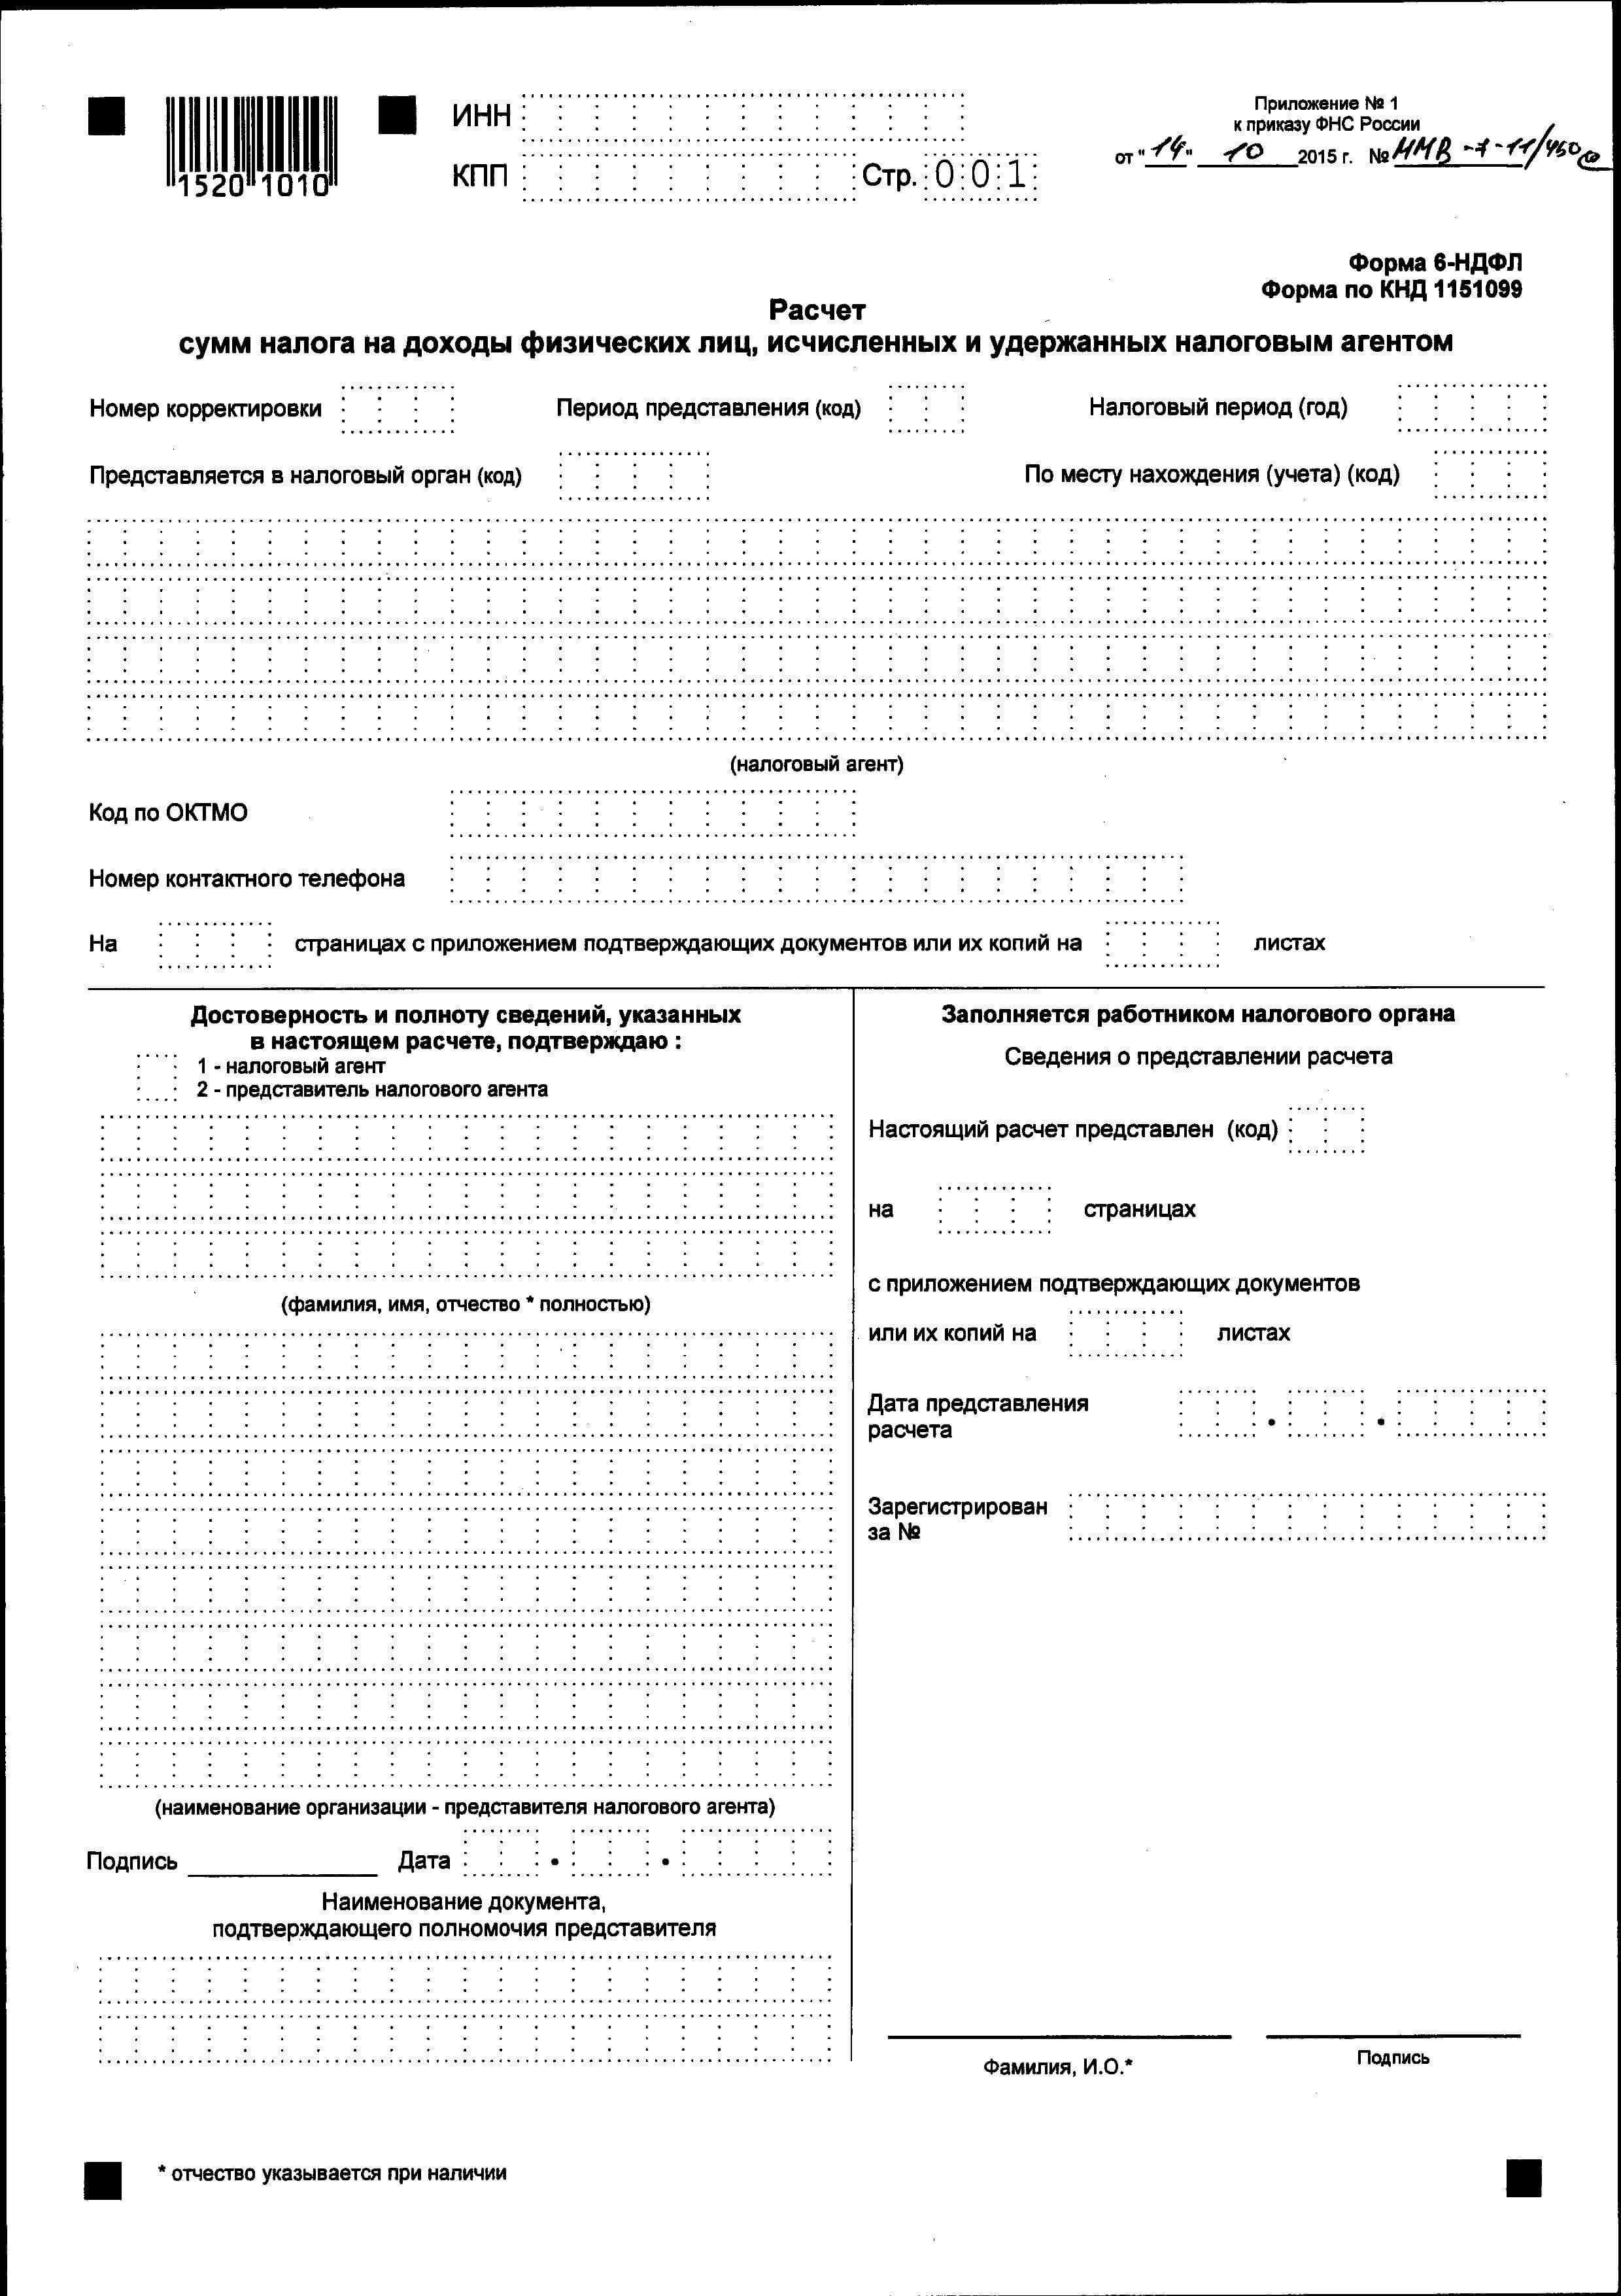 реквизиты регистрации журнала главбух в сми